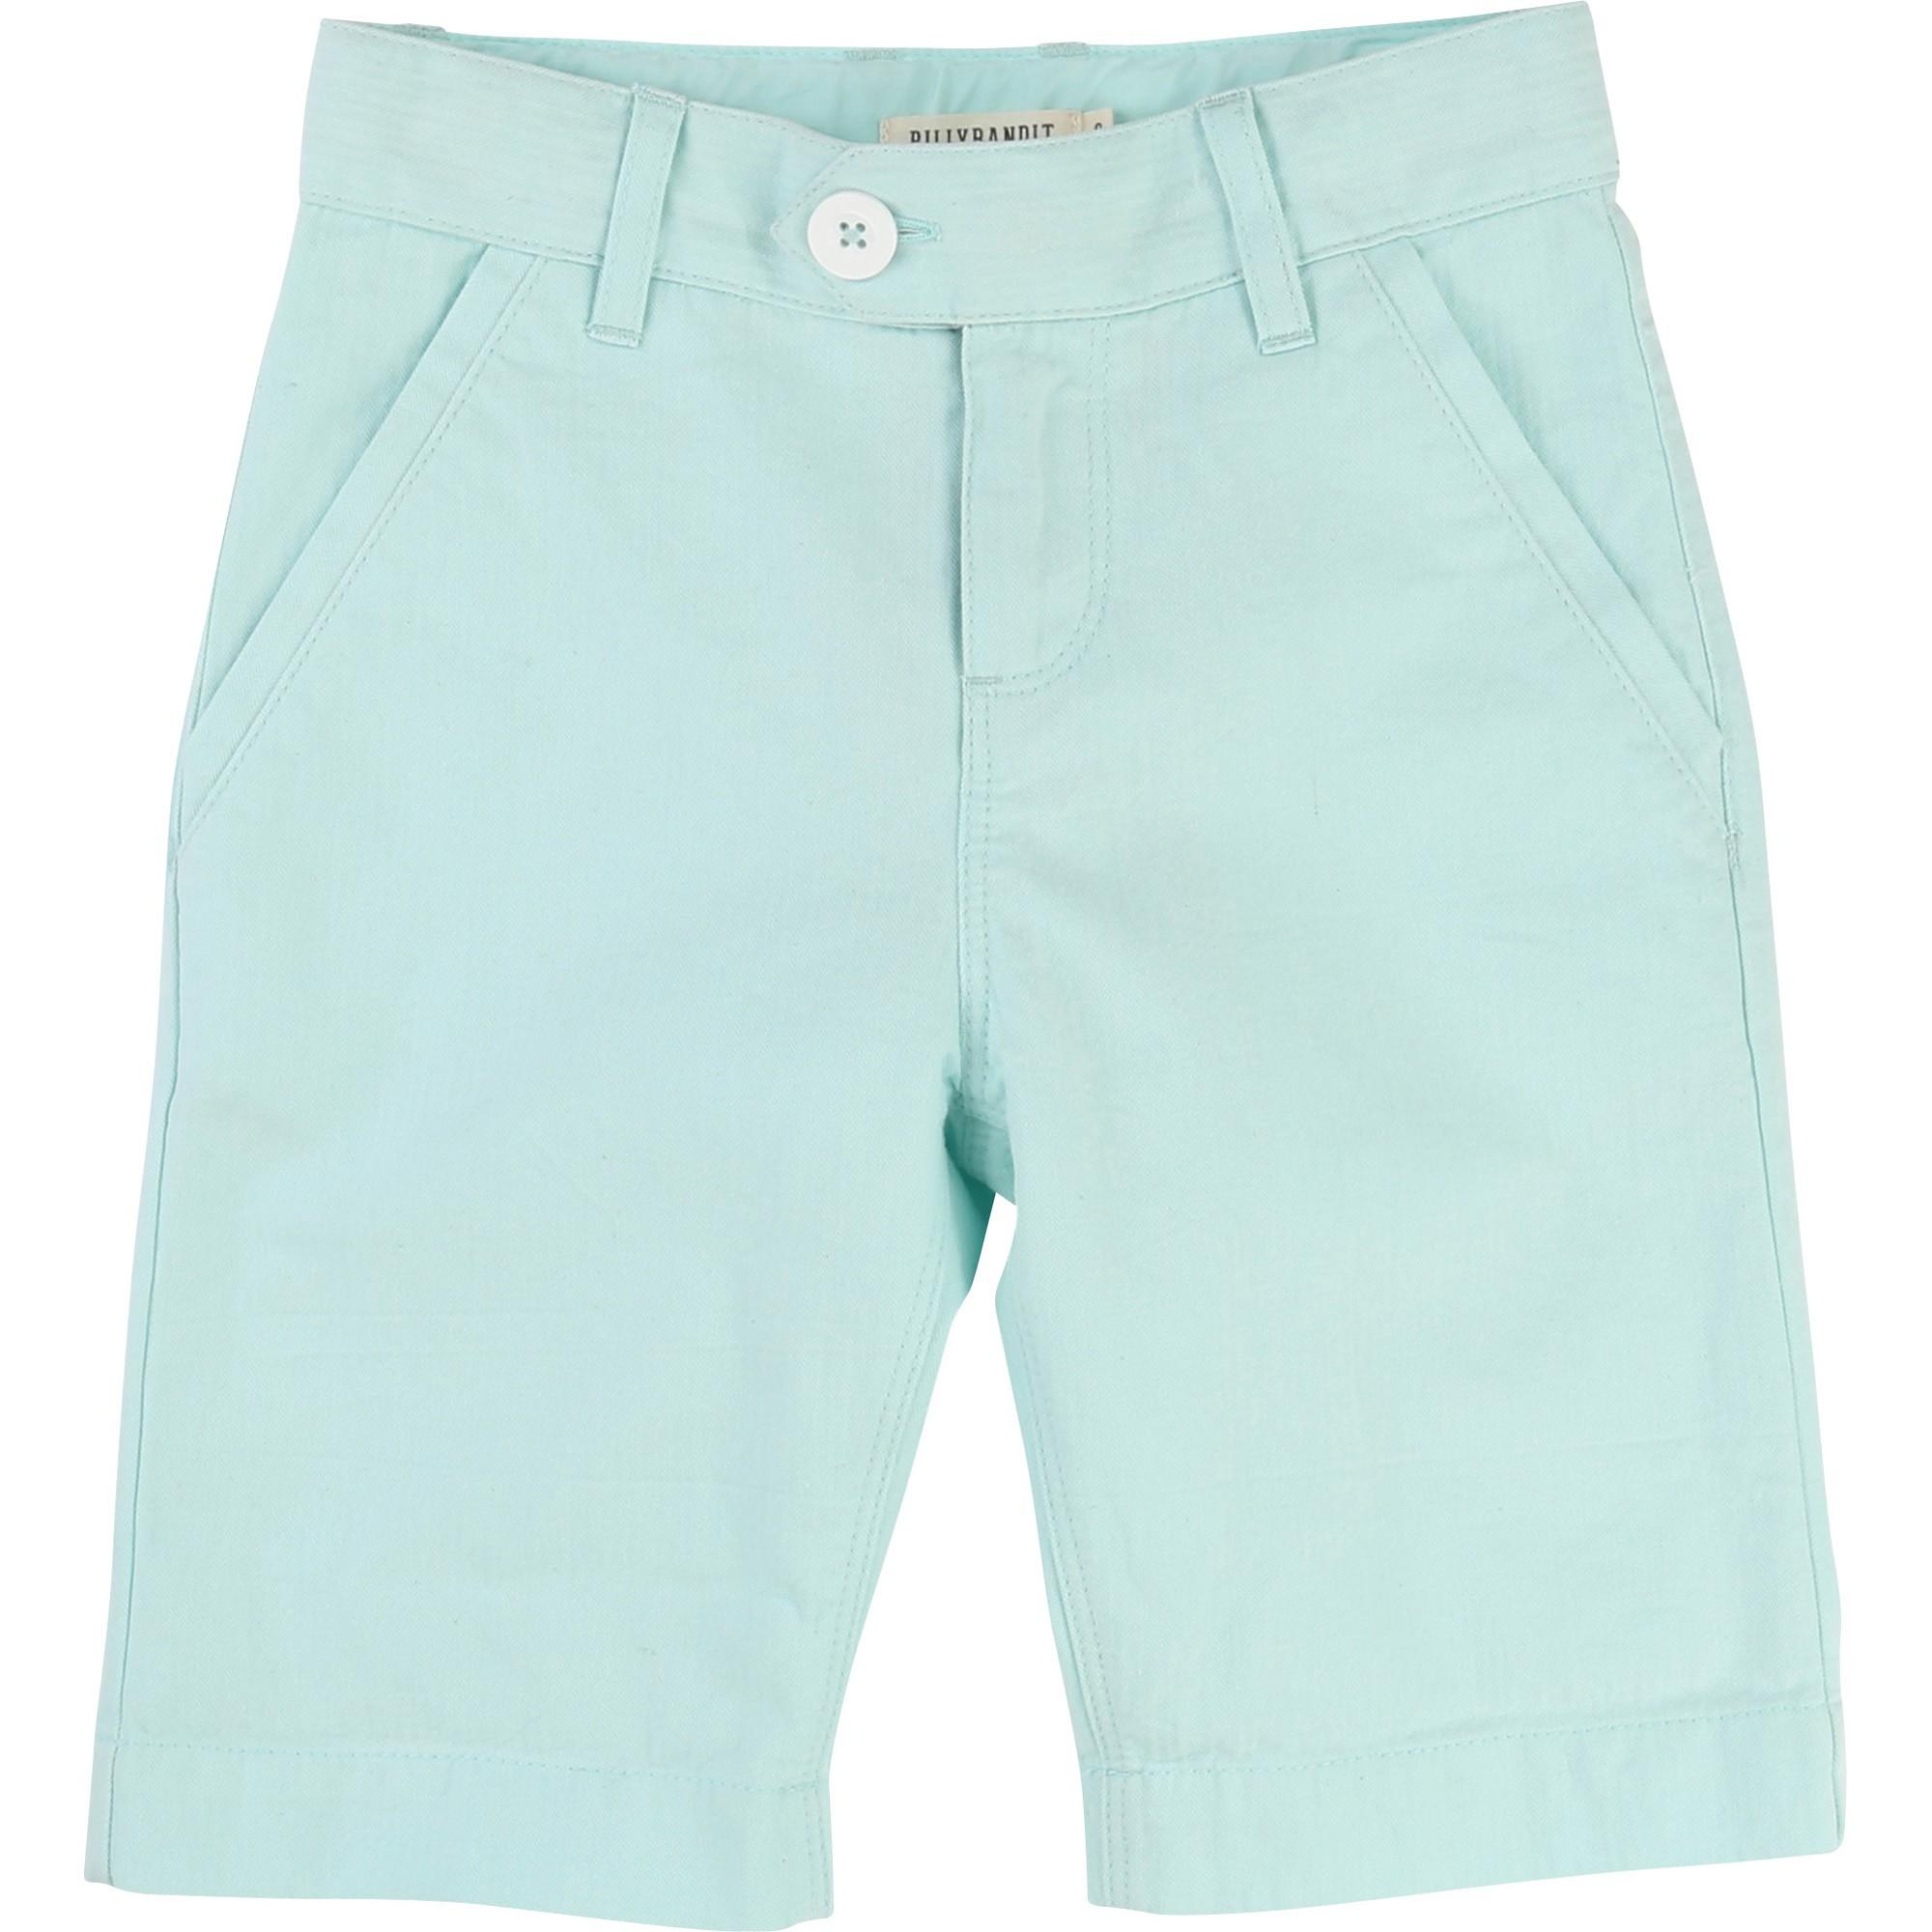 Short Turquoise blanc